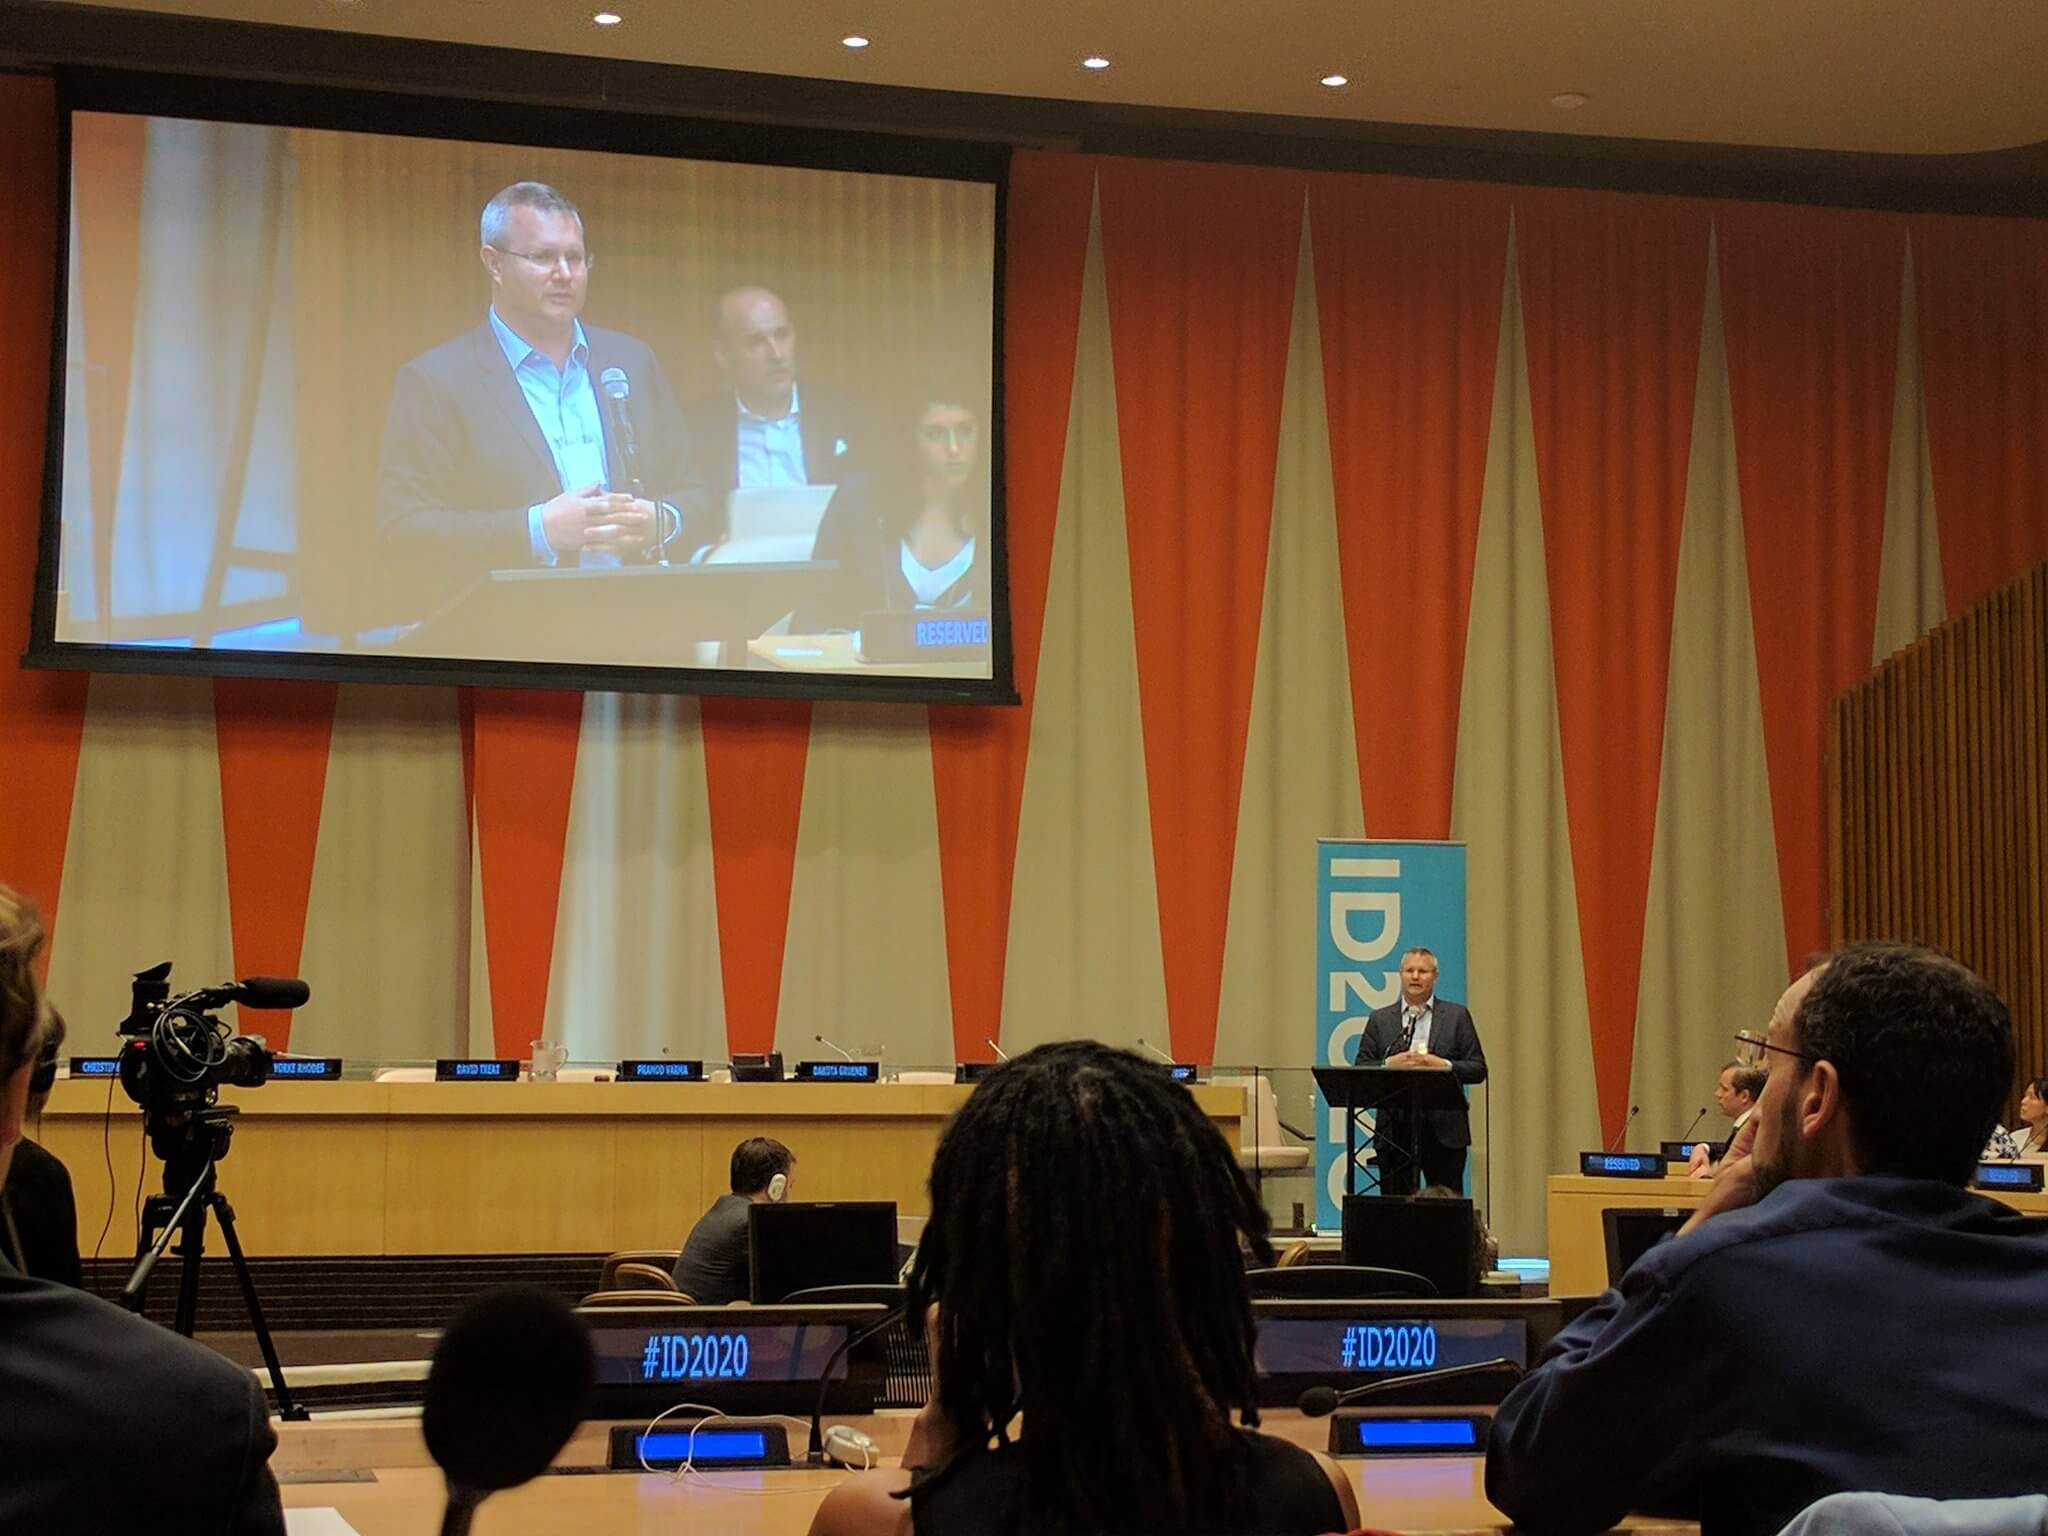 微软、Hyperledger、联合国加入基于区块链身份倡议ID2020联盟